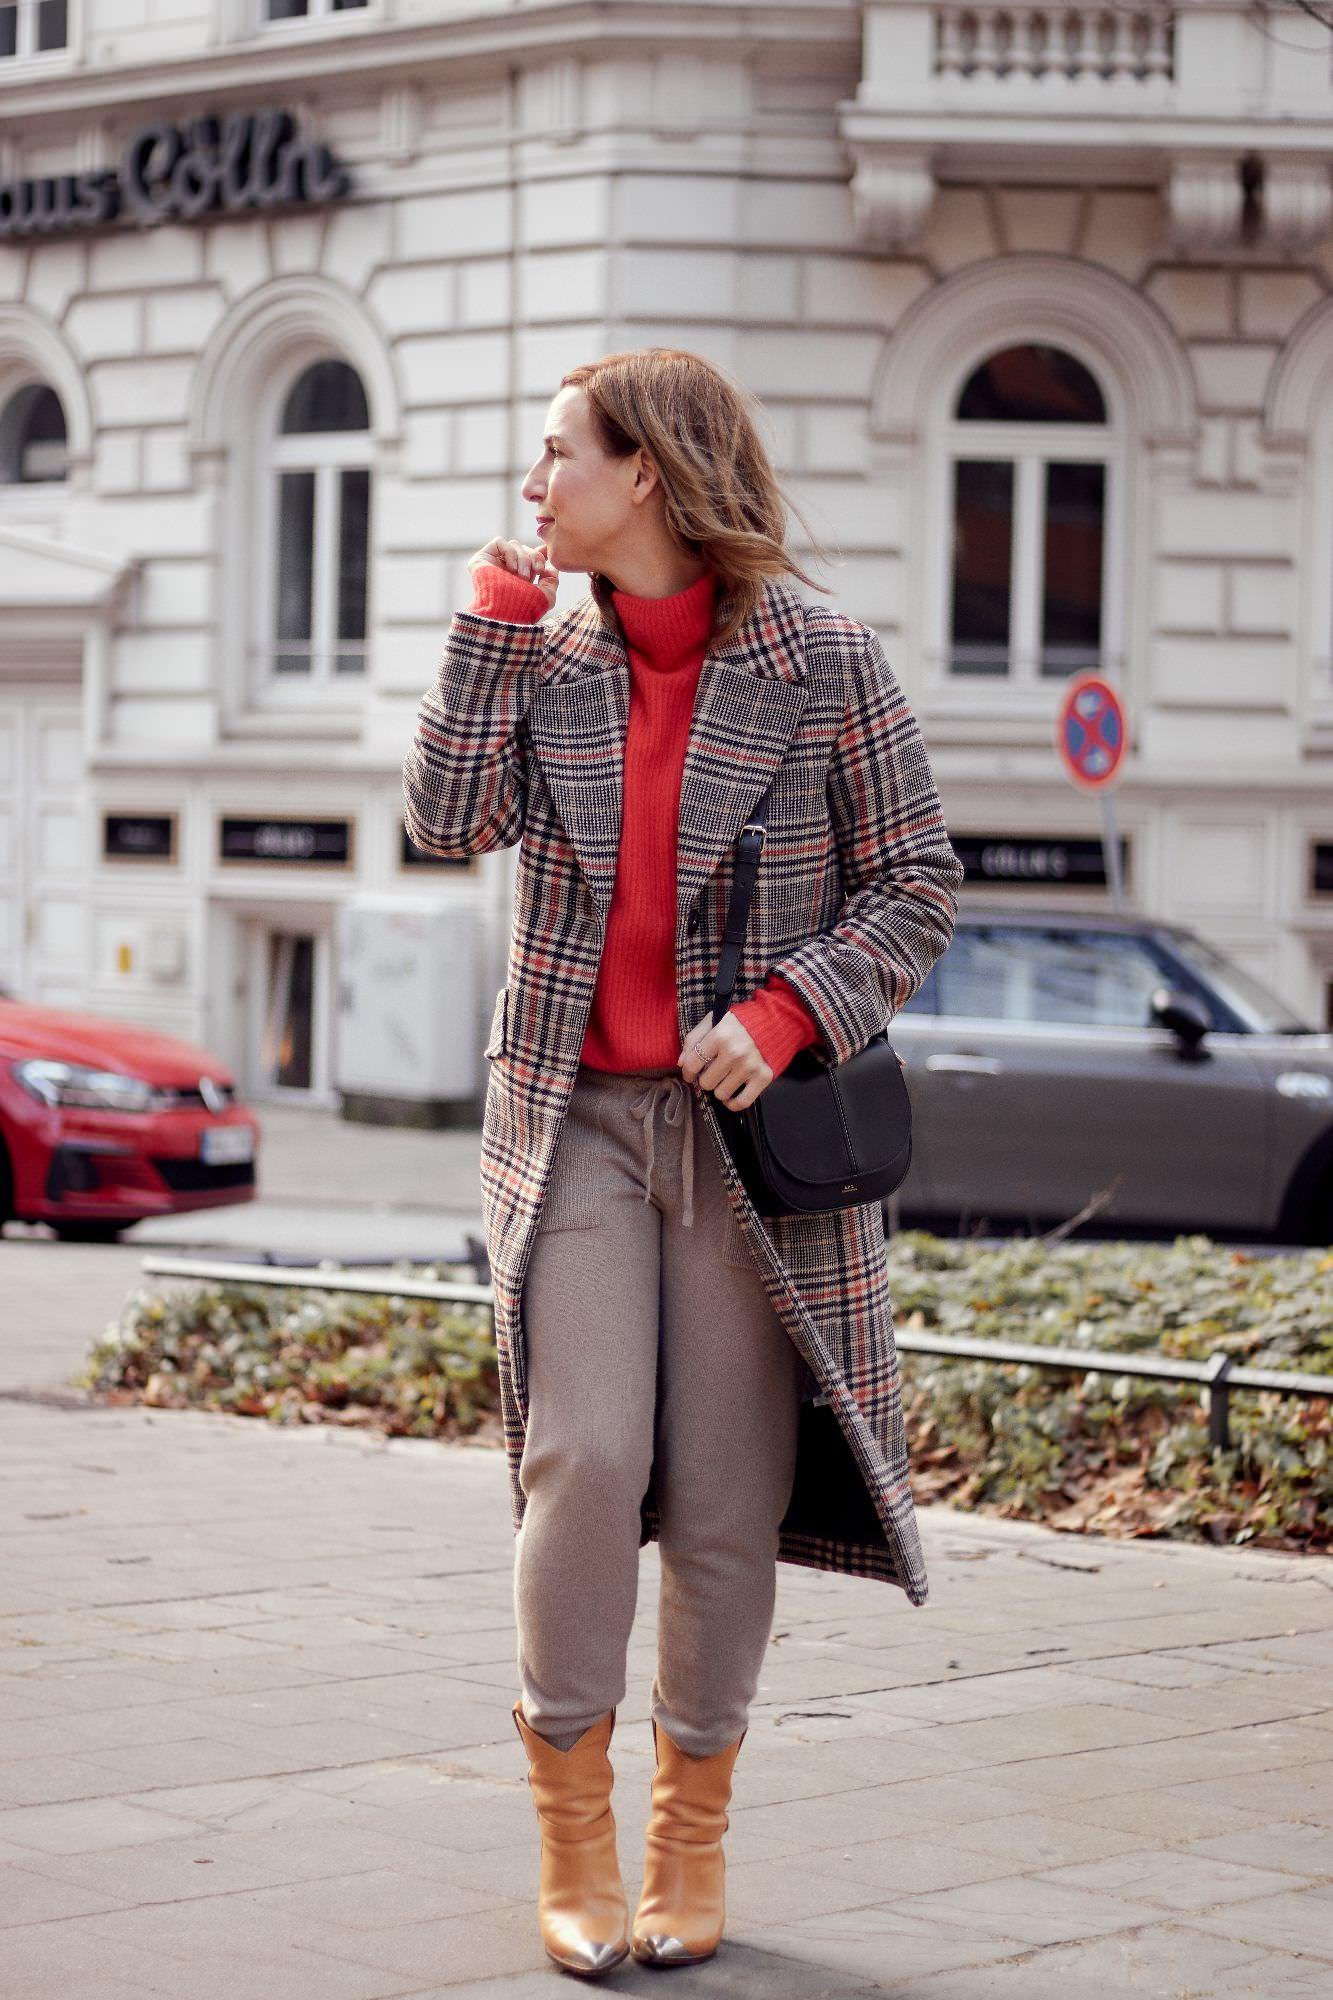 karierter Mantel mit rotem Oversize Pullover und kamelfarbener Jogging Hose